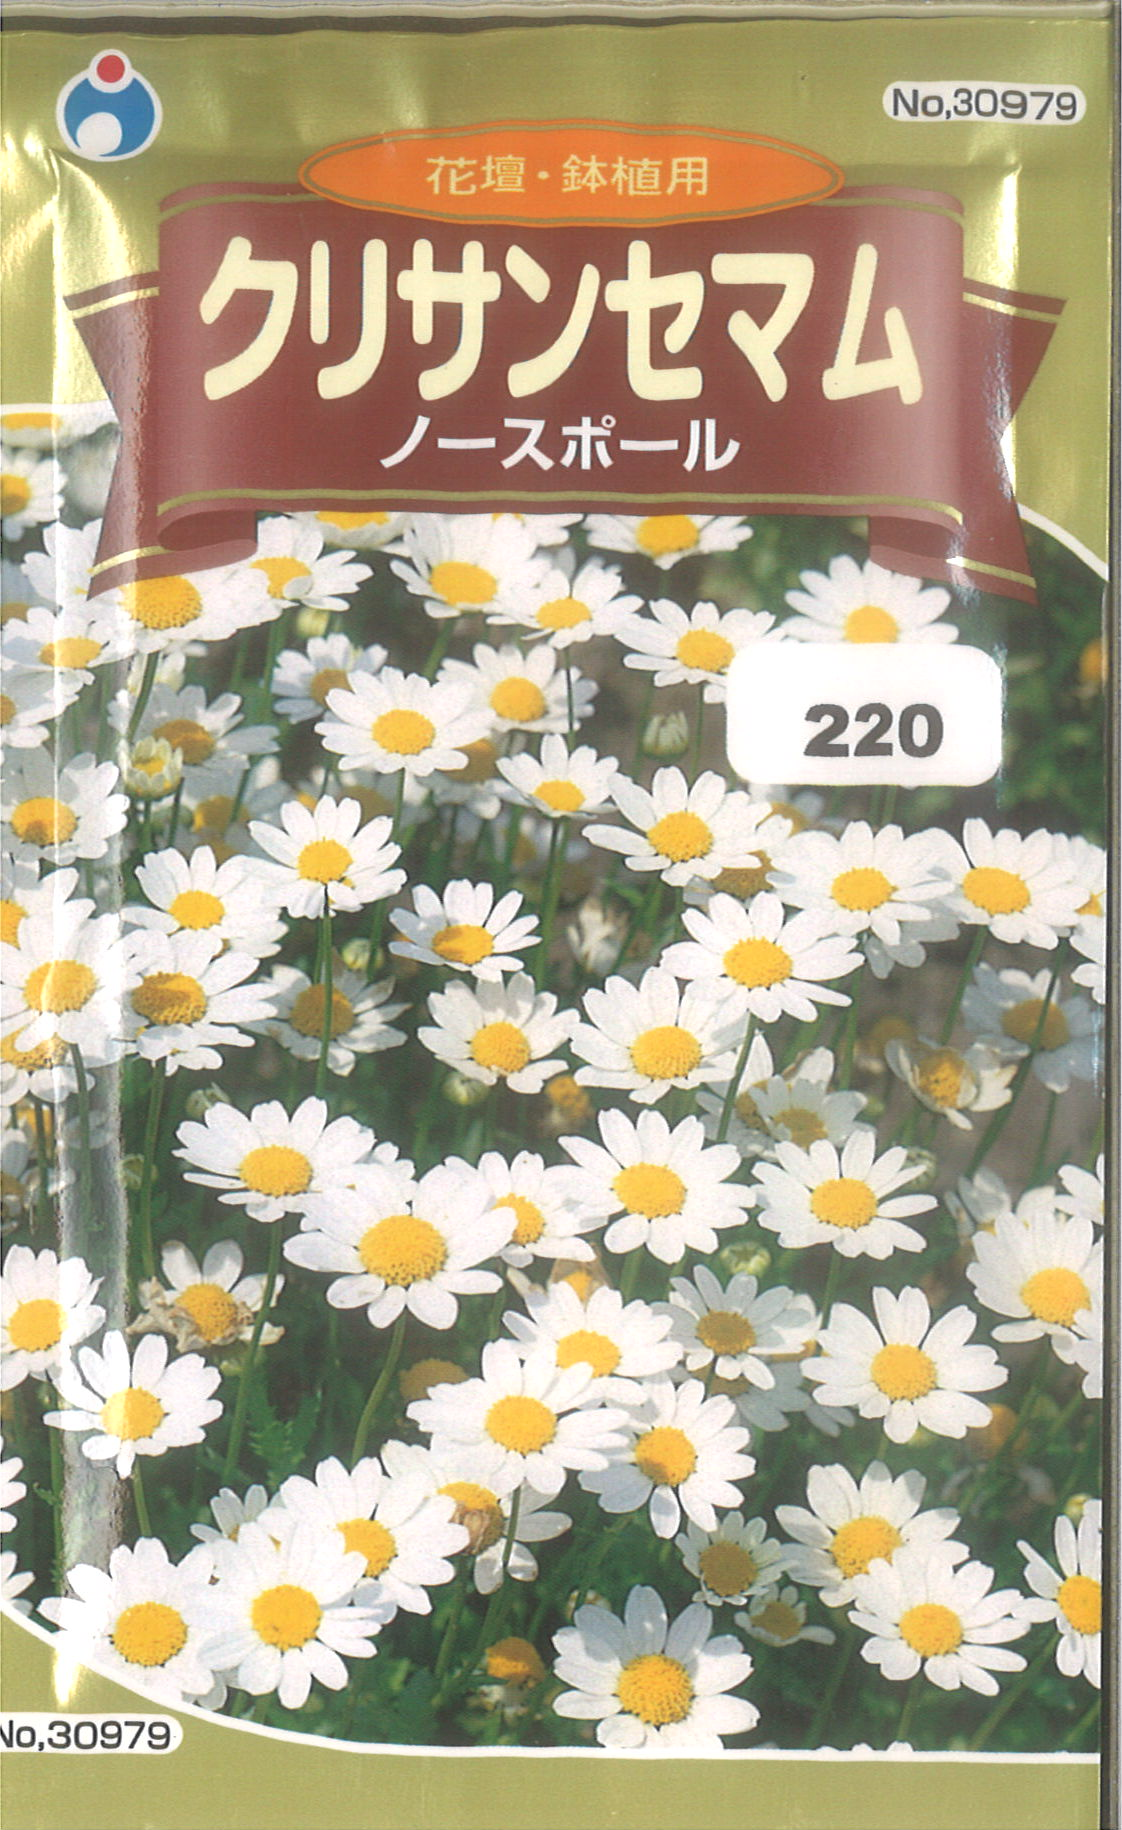 【代引不可】【5袋まで送料80円】 □ クリサンセマムノースポール